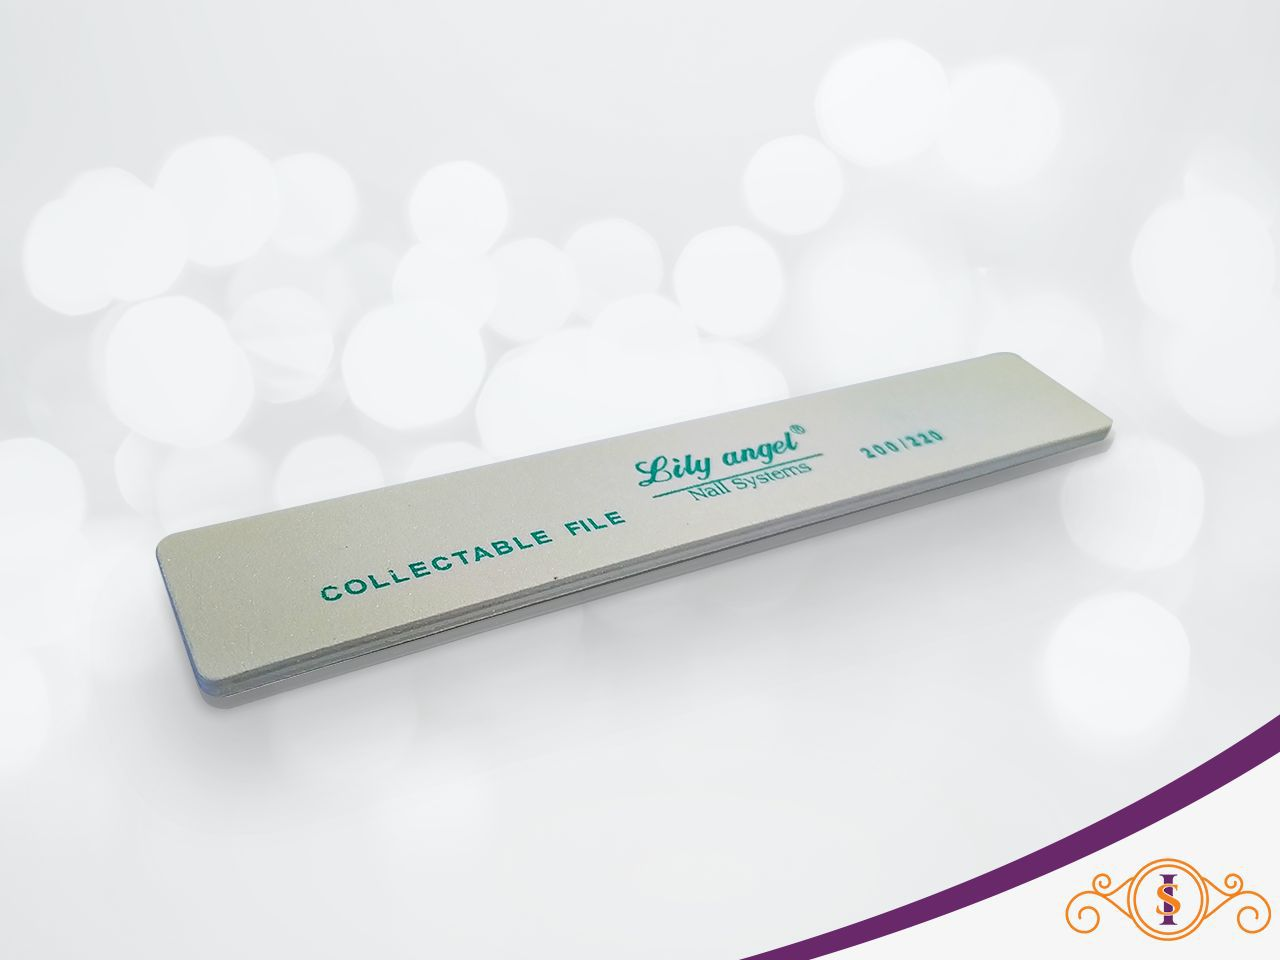 Lixa Quadrada Lily Angel 200/220  - 1 unidades